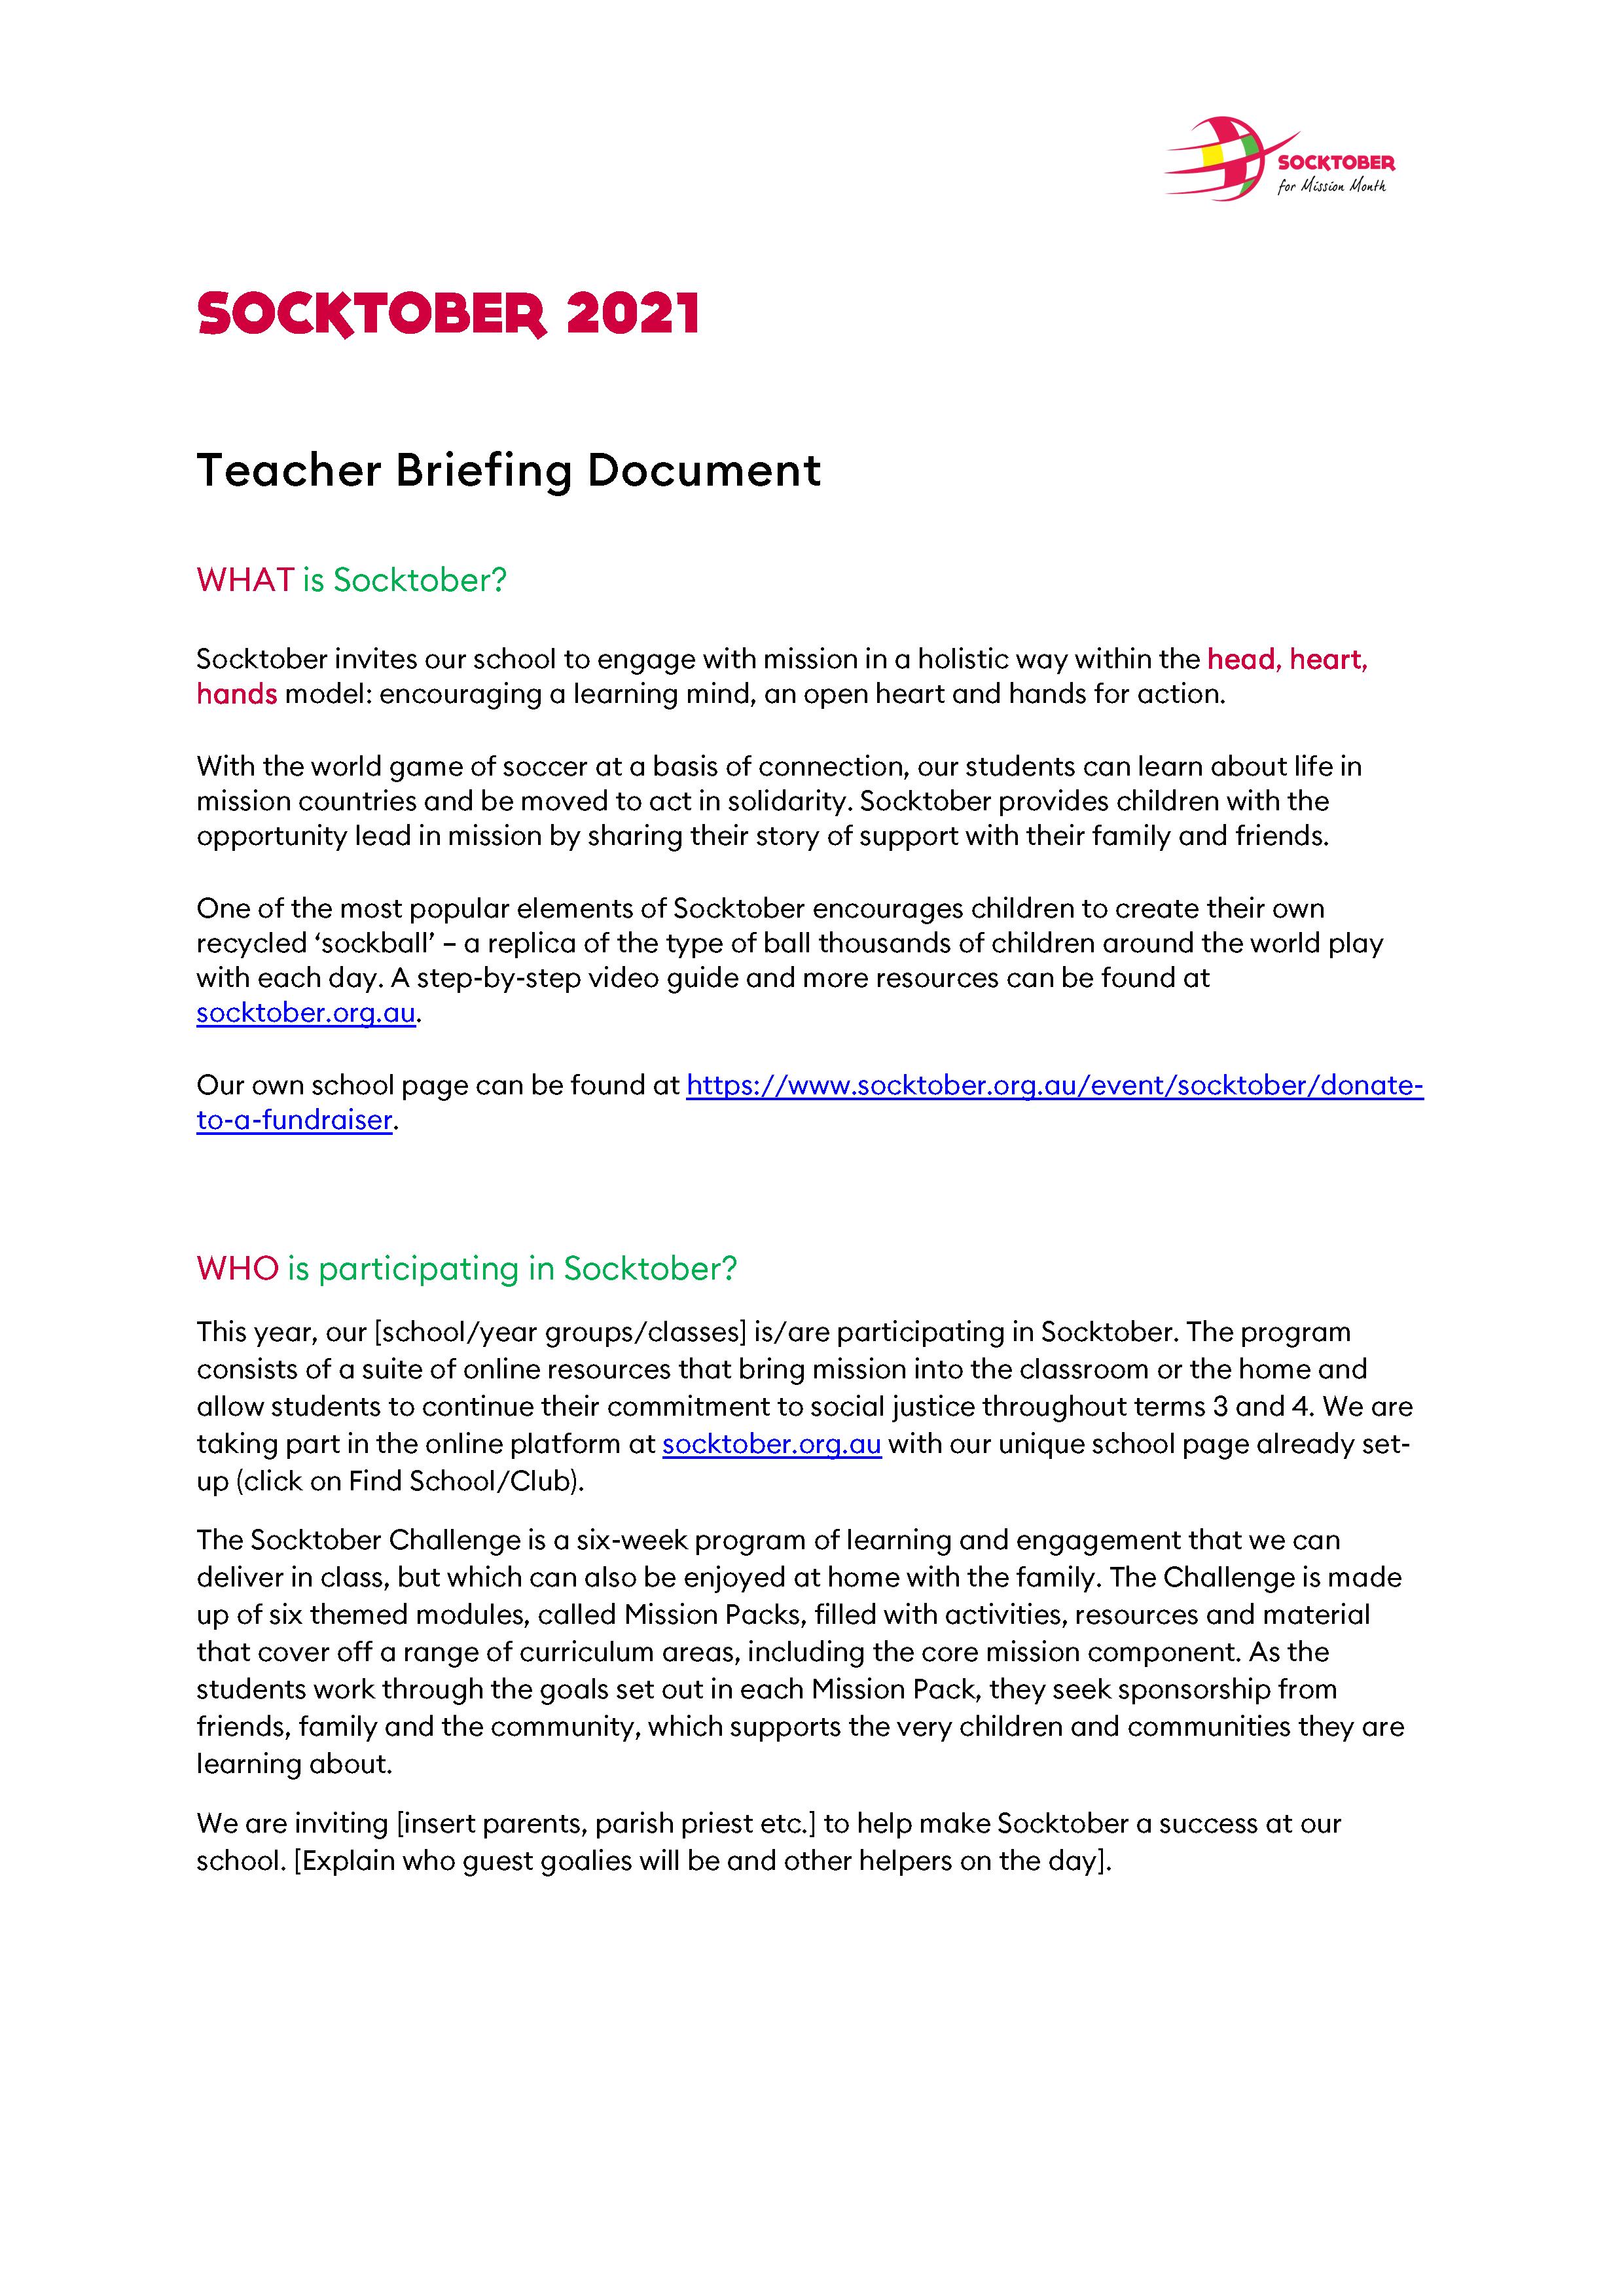 Teacher Briefing Document